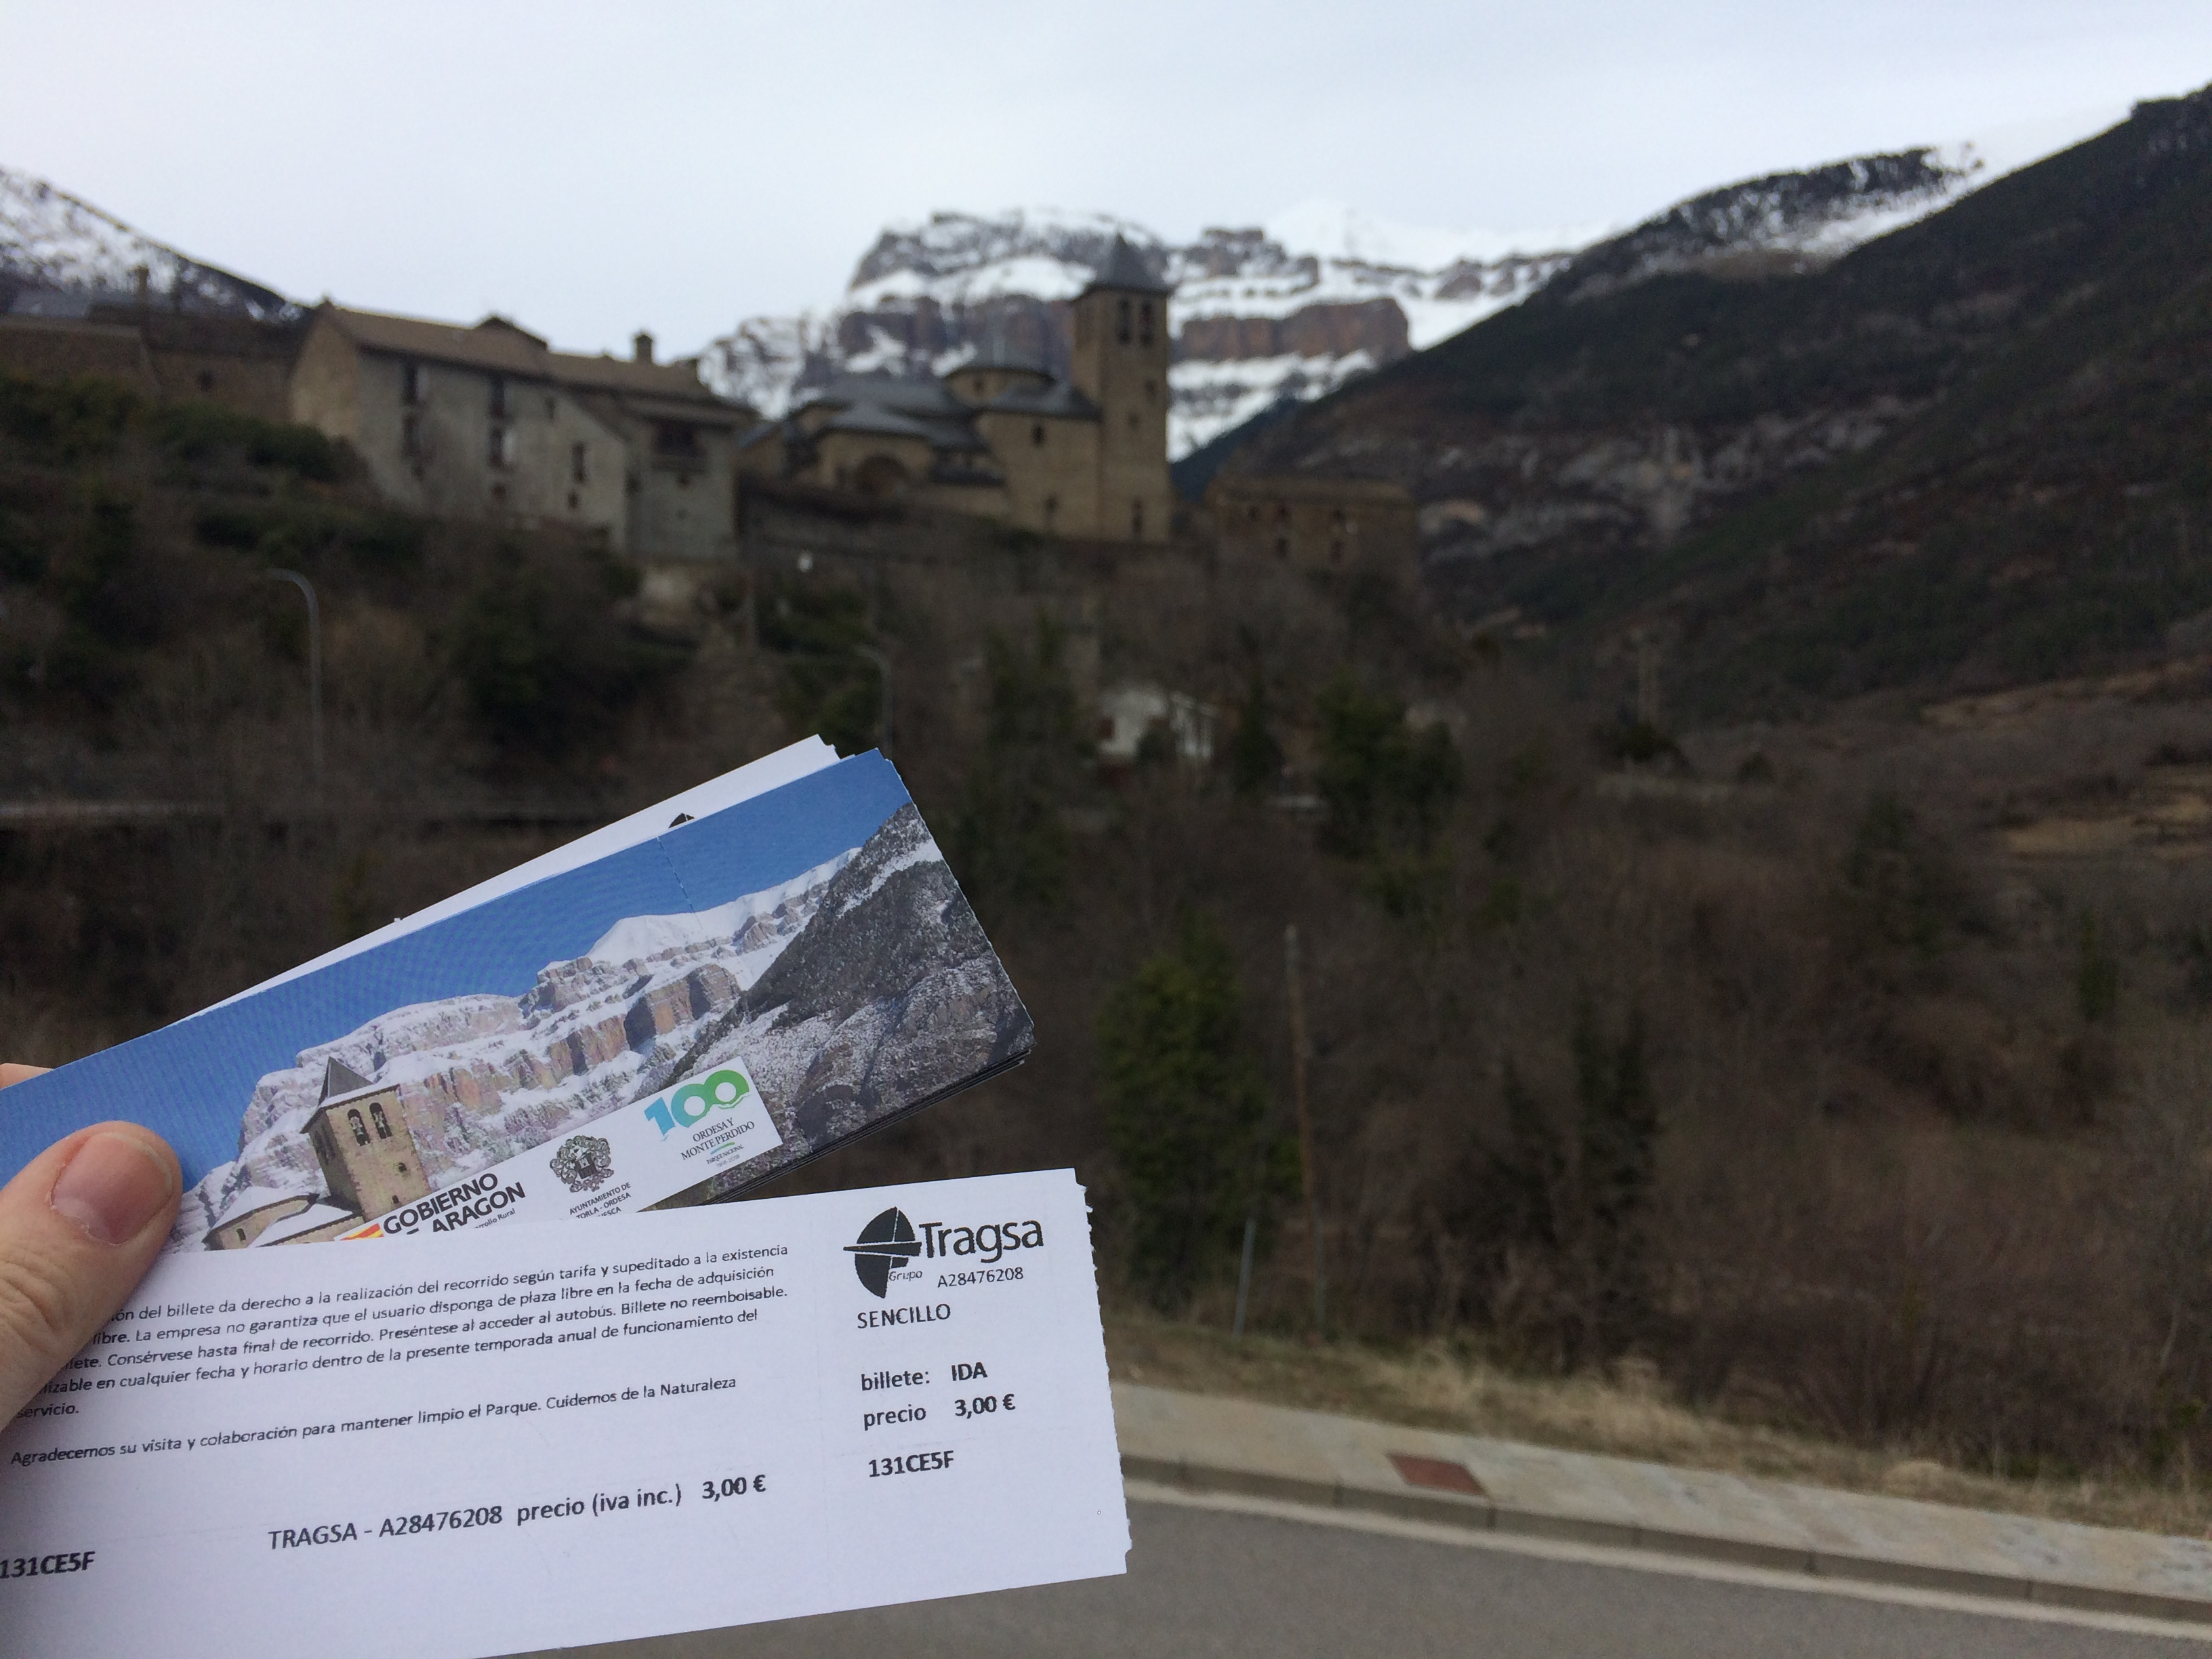 Nuevo sistema de control de accesos en ordesa y monte perdido inpq inform tica huesca - Apartamentos en ordesa y monte perdido ...